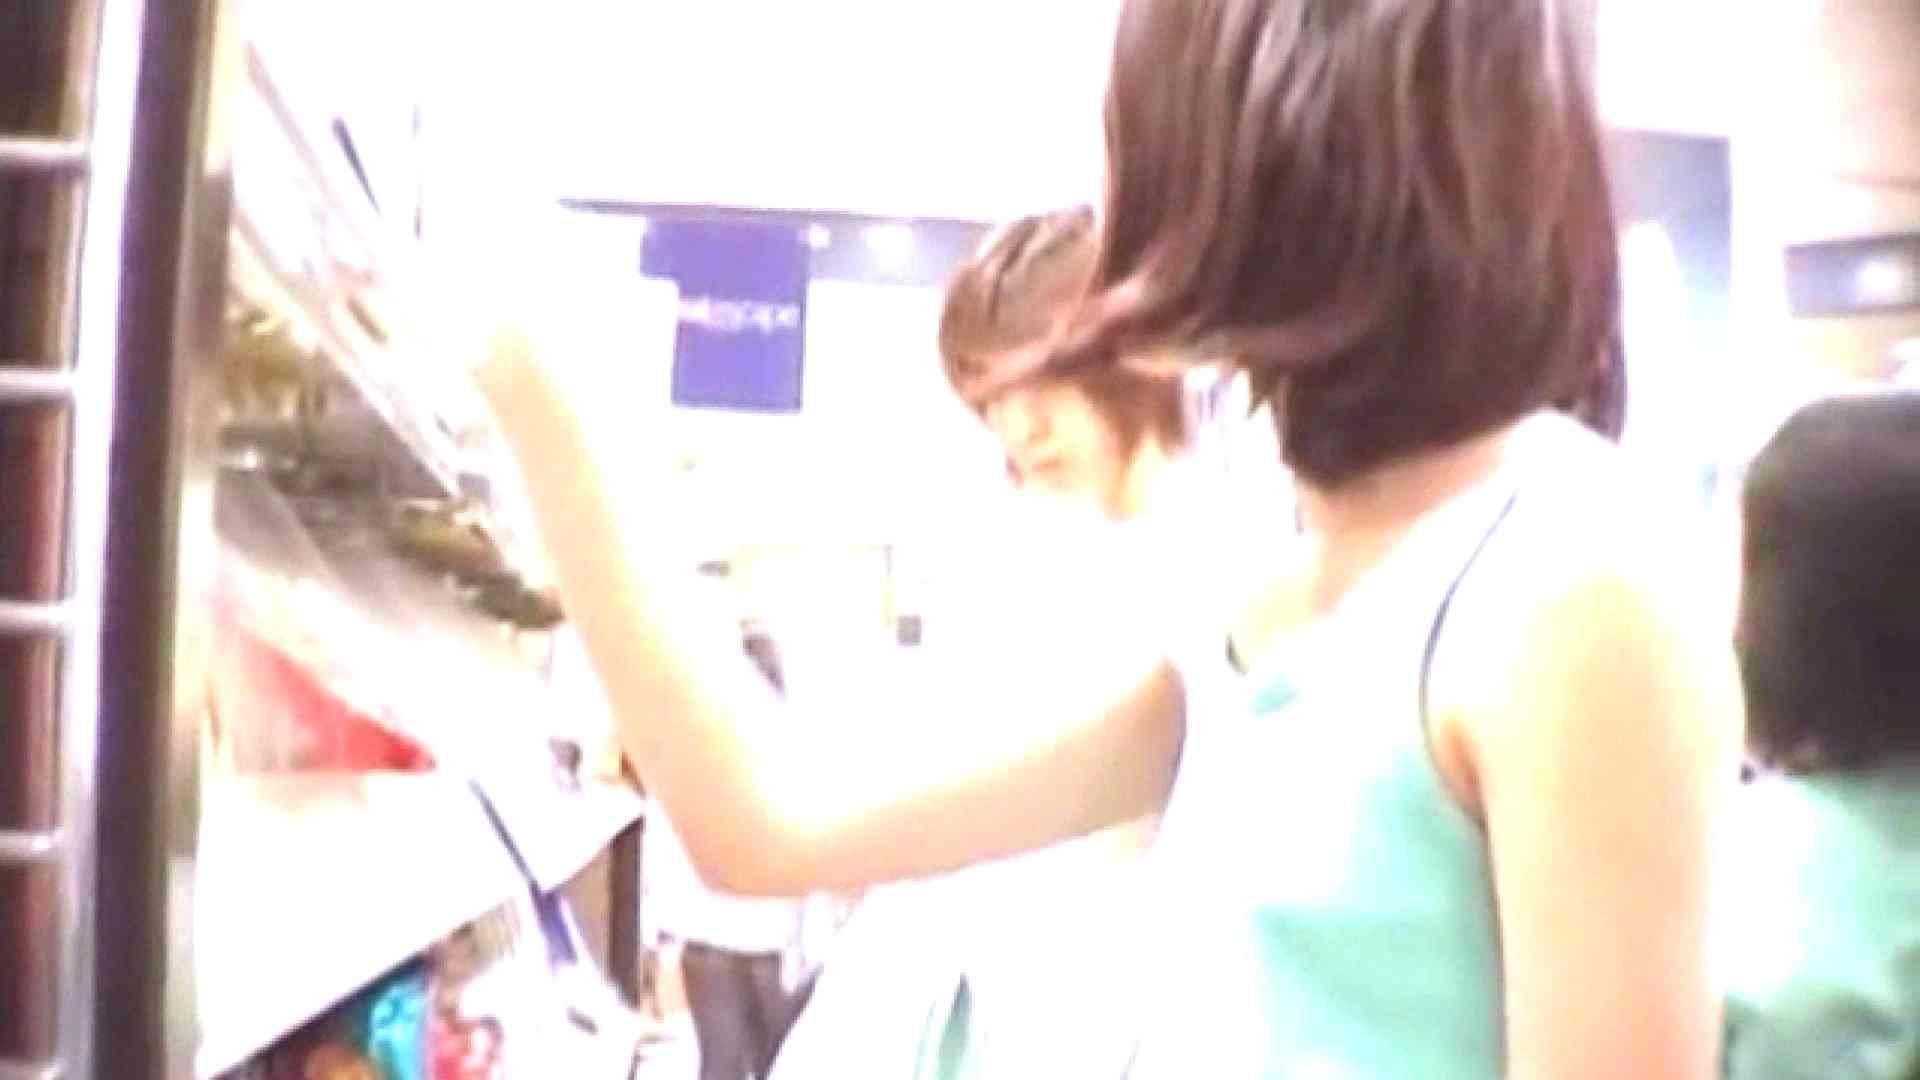 真剣に買い物中のgal達を上から下から狙います。vol.02 エッチなJK AV無料 85pic 44